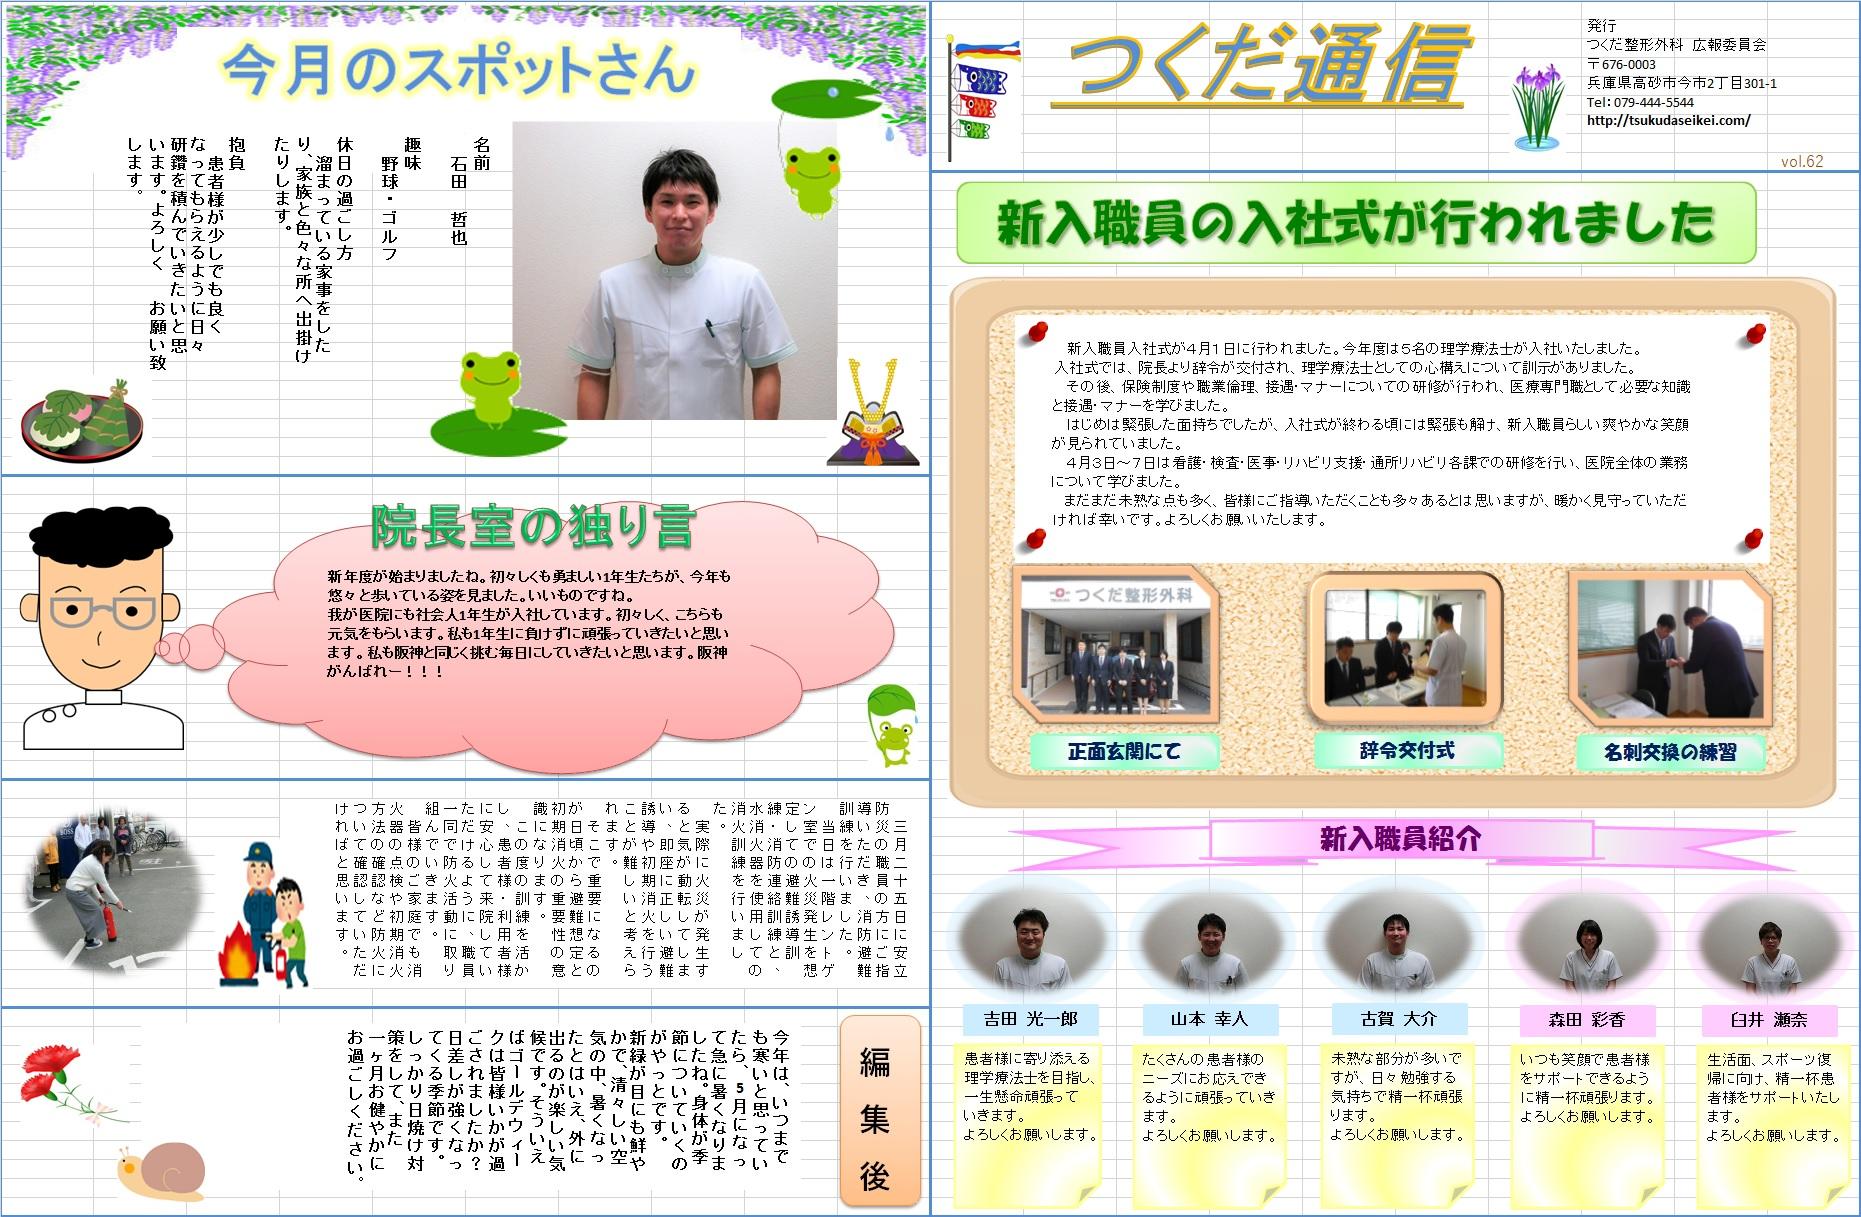 http://www.tsukudaseikei.com/news/%E3%81%A4%E3%81%8F%E3%81%A0%E9%80%9A%E4%BF%A162%E5%8F%B7.jpg